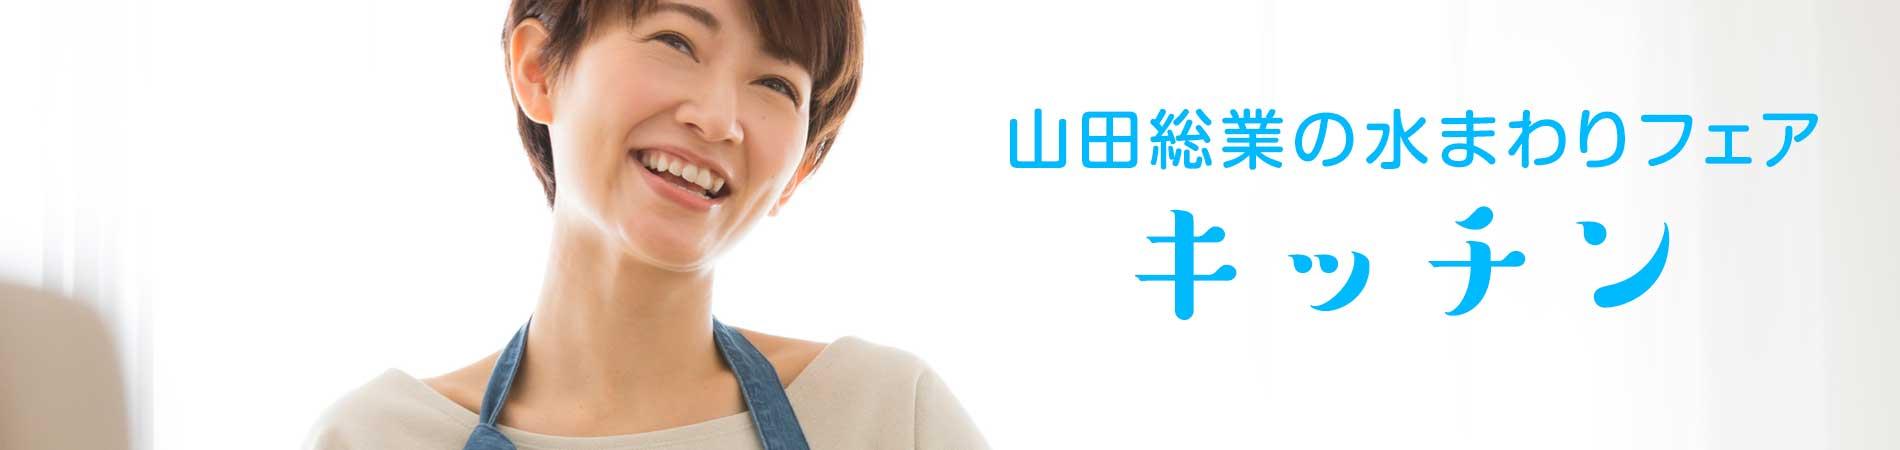 おすすめキッチンは山田総業|千葉県船橋市の上下水道の工事会社